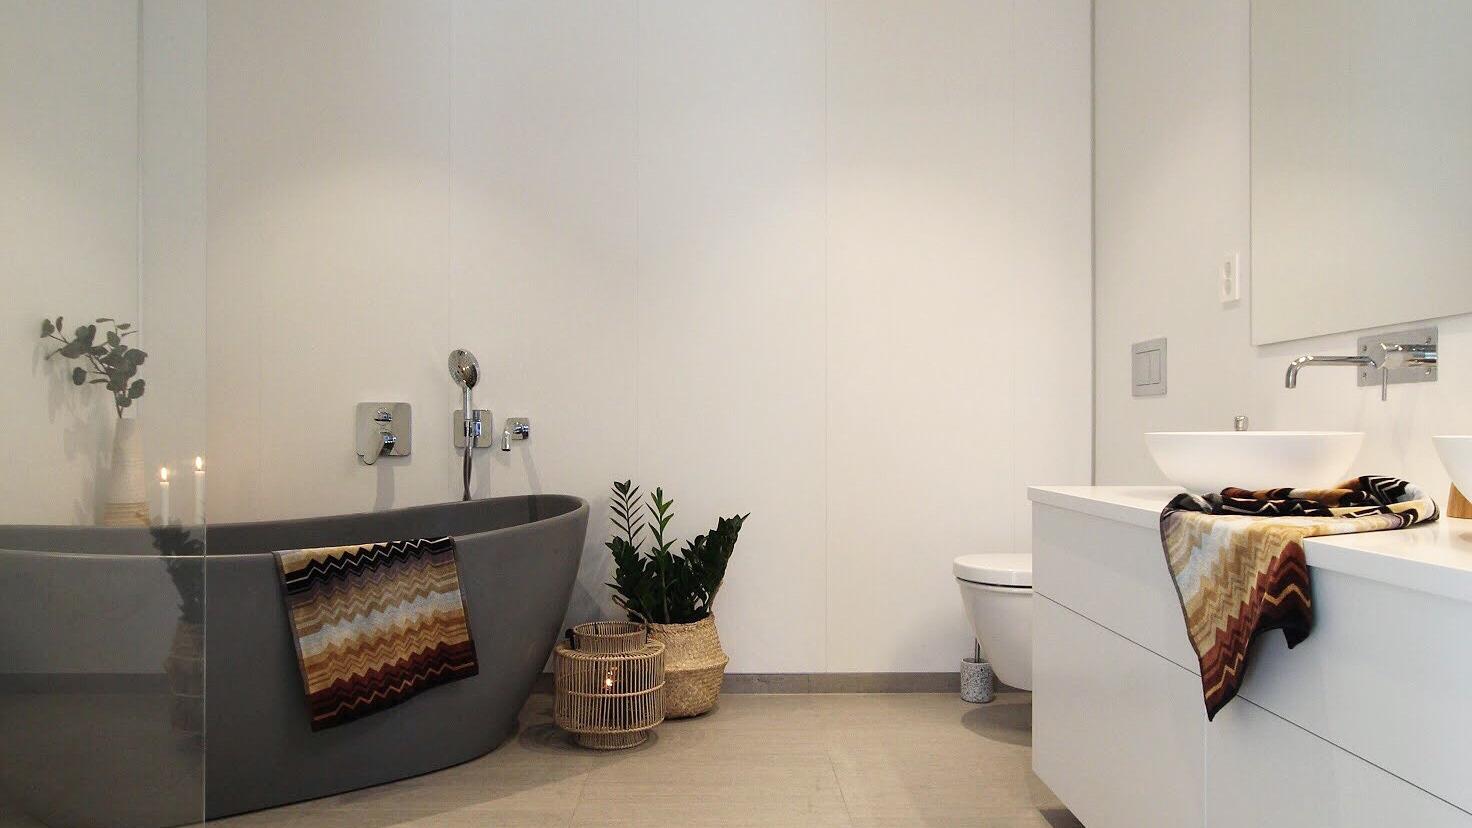 Baderom med badekar. Foto: @i.rdecor